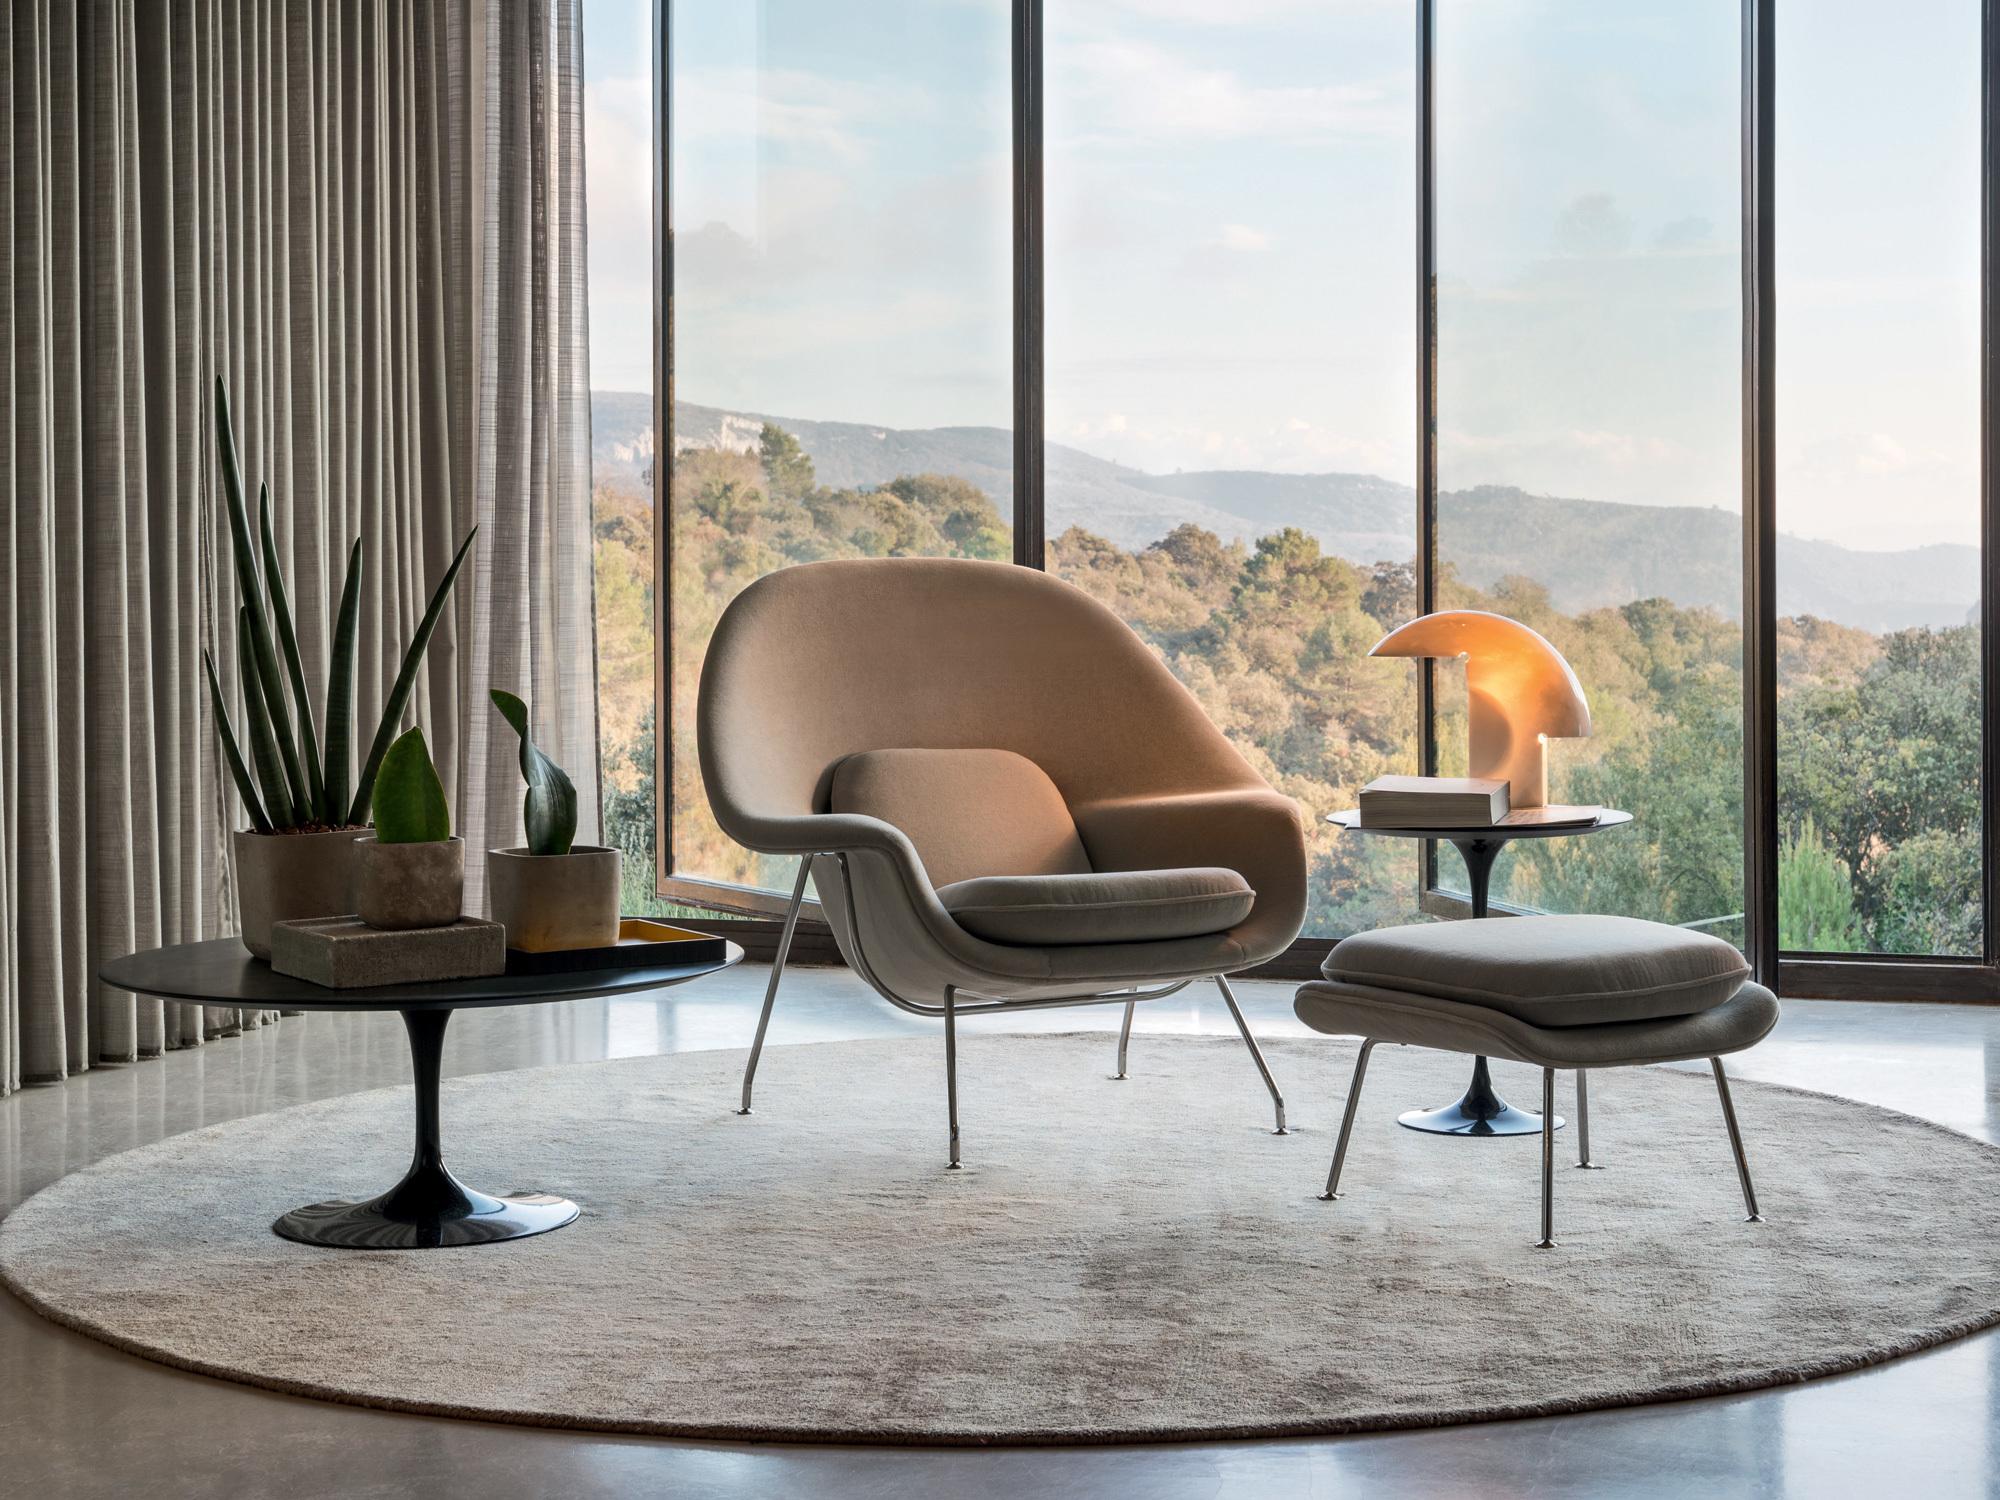 Womb Chair von Eero Saarinen für Knoll International. Foto: Knoll International